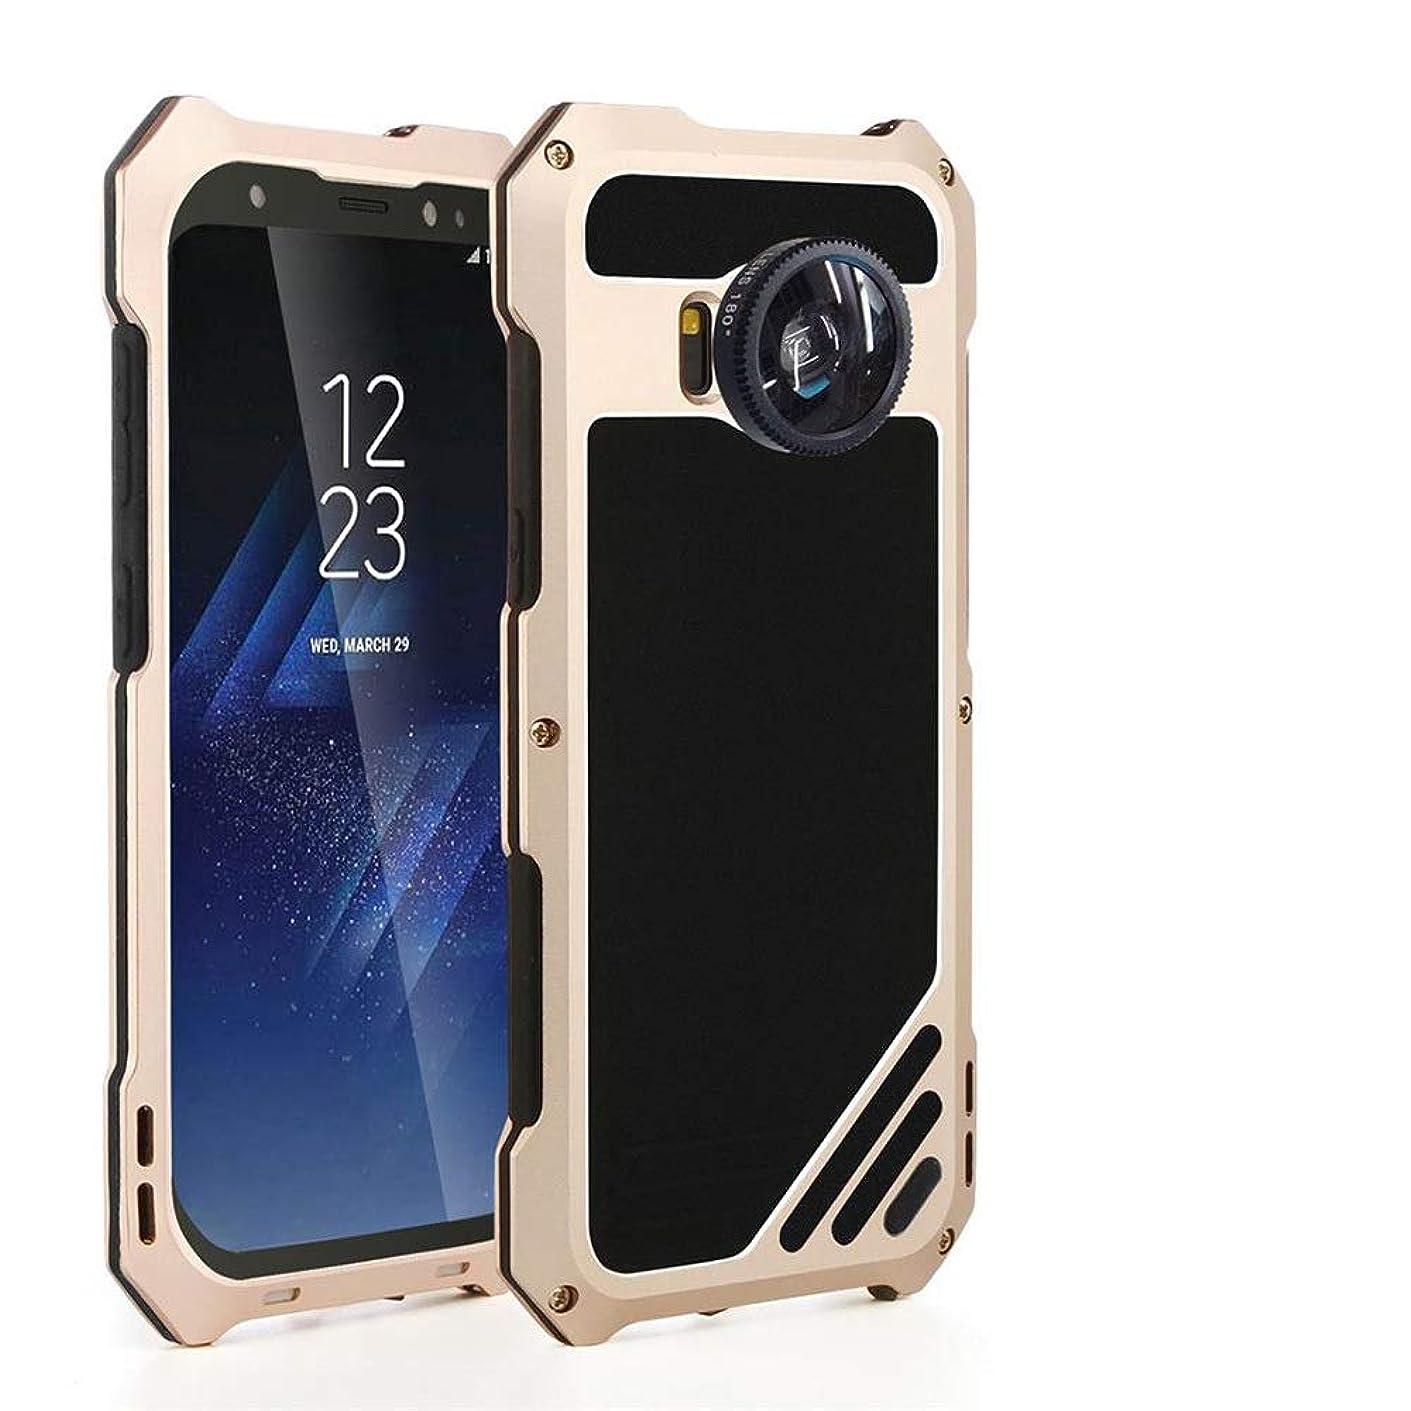 廊下克服する洗剤Tonglilili 携帯電話、サムスンS7、S7エッジ、S8、S8プラス、S9、S9プラスのためのレンズメタルケースアンチフォールオールインクルーシブガラスケース電話ケース (Color : ゴールド, Edition : S7edge)